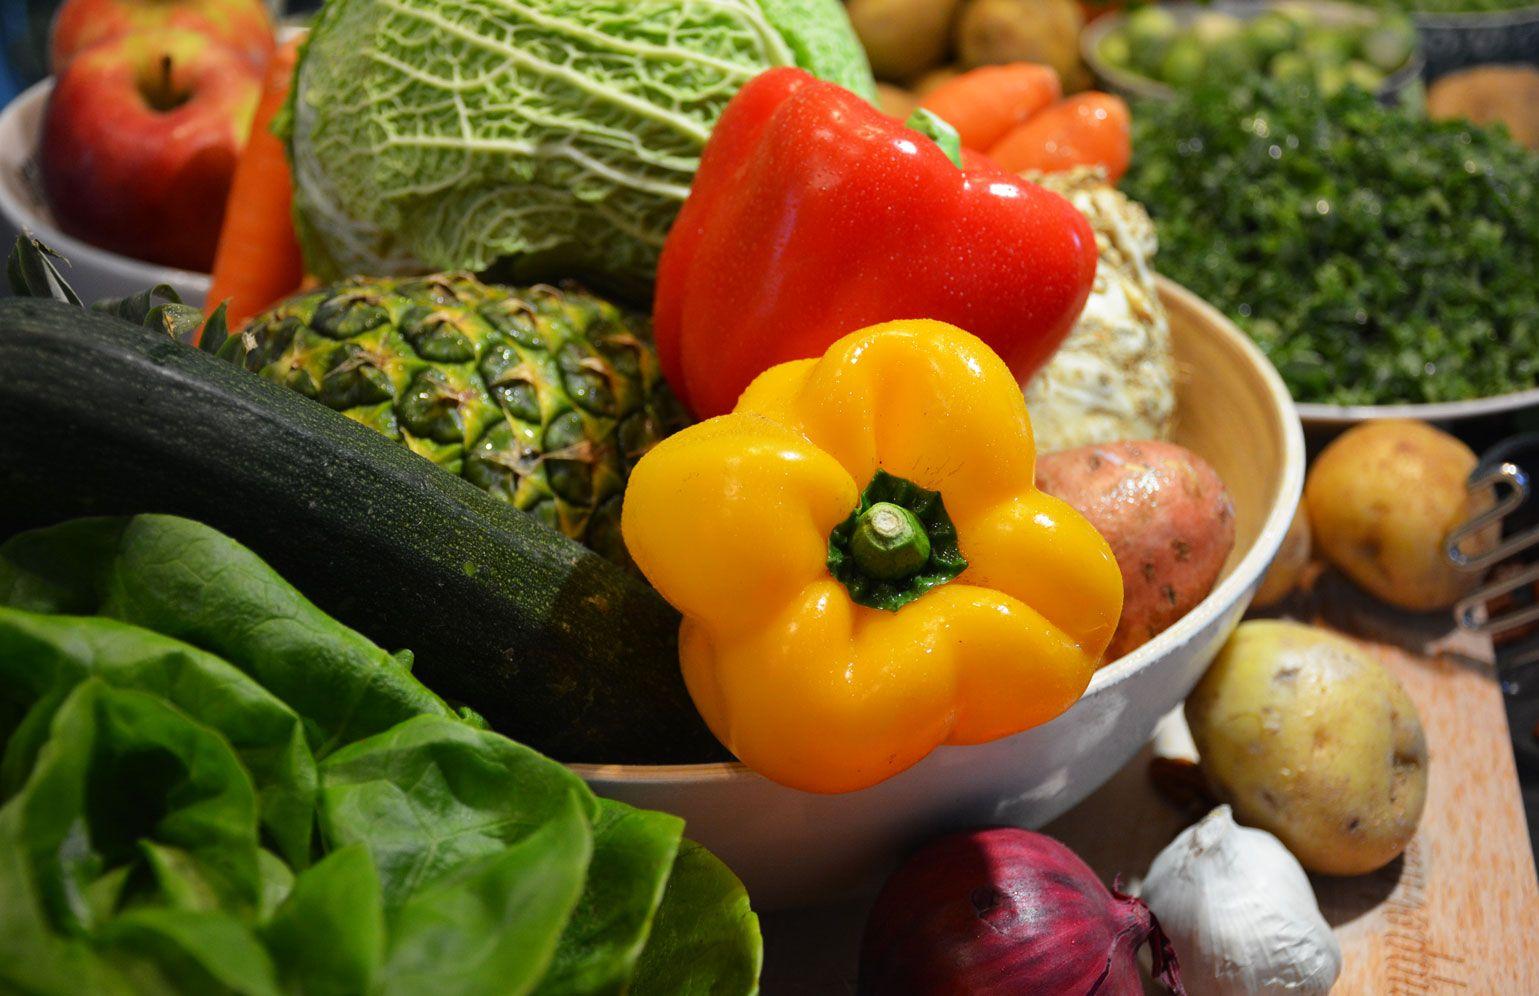 Indiase andijviestamppot met vegagehakt